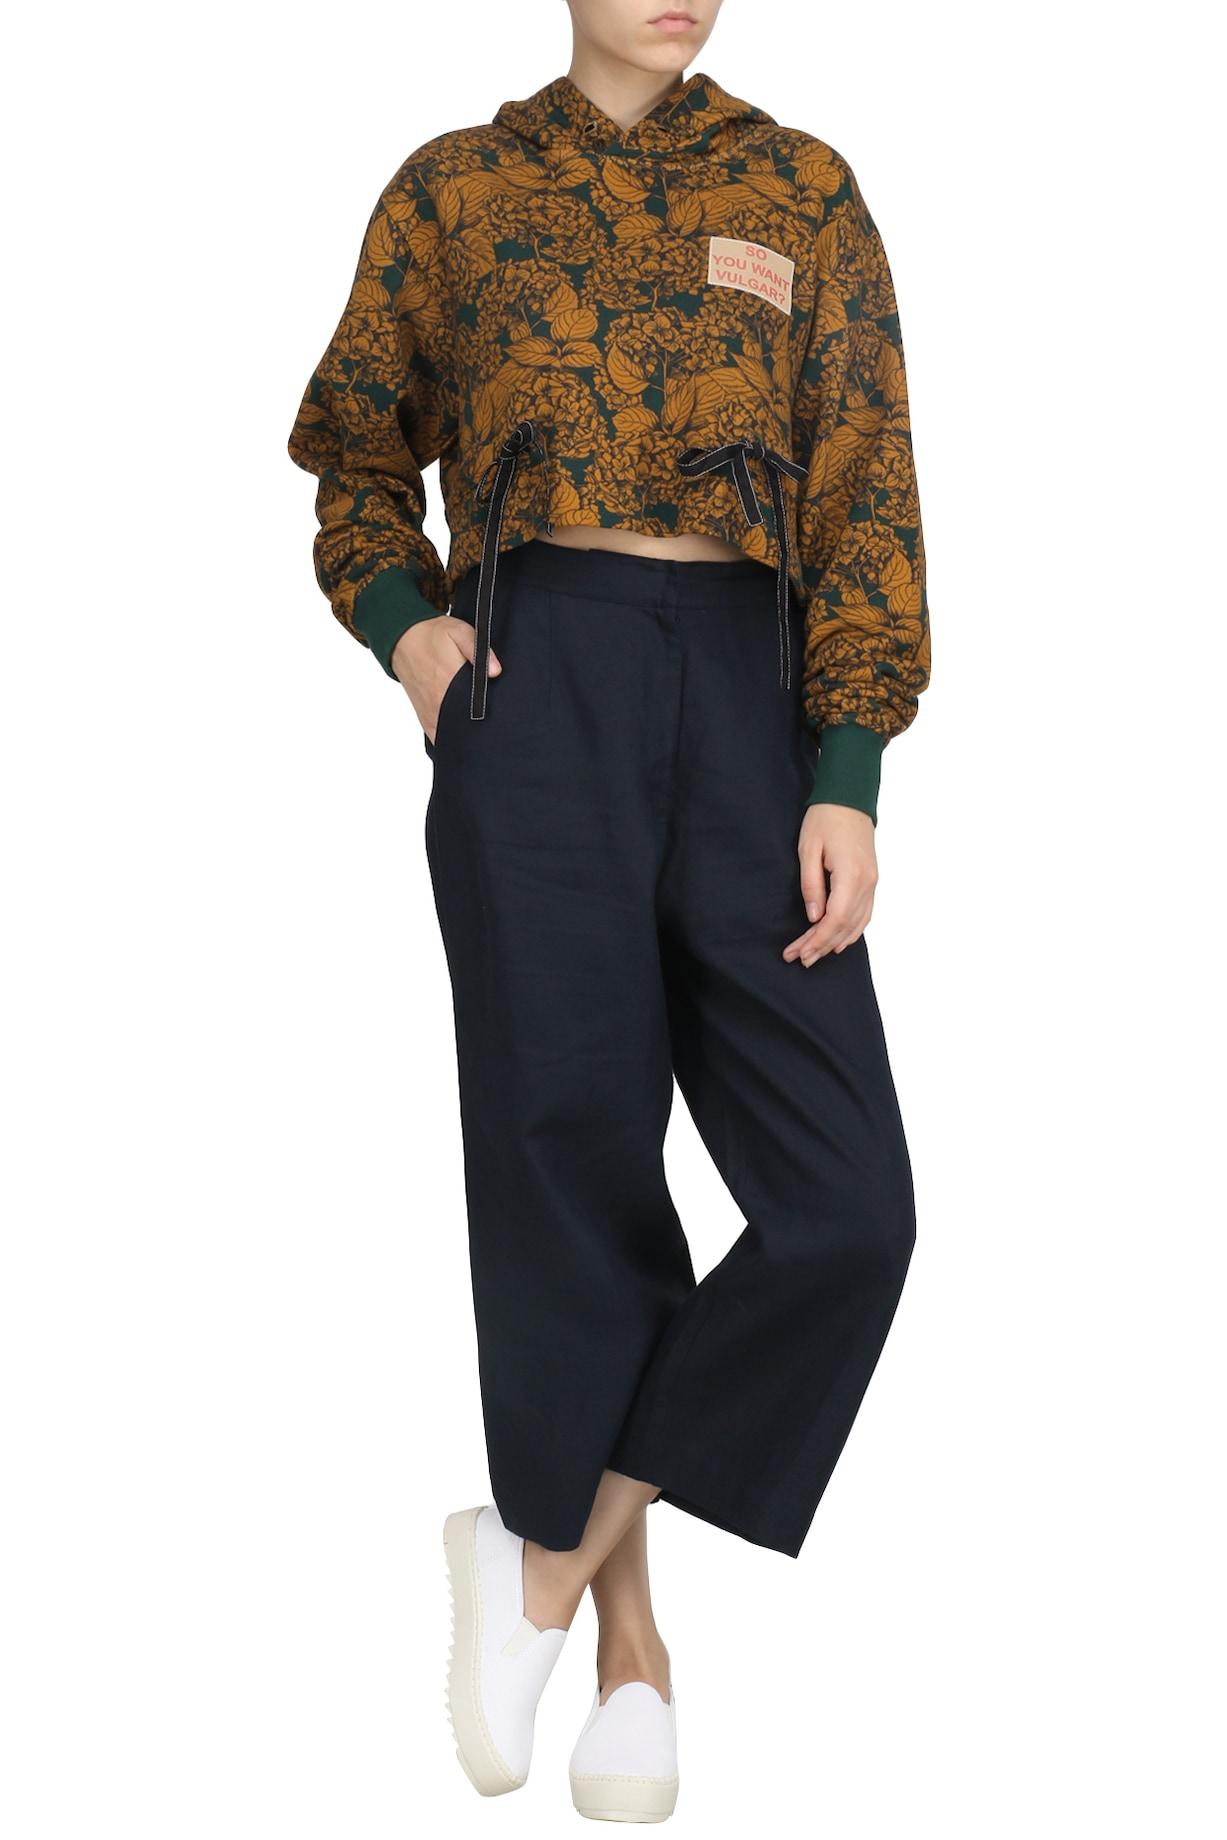 Dhruv Kapoor Sweatshirts